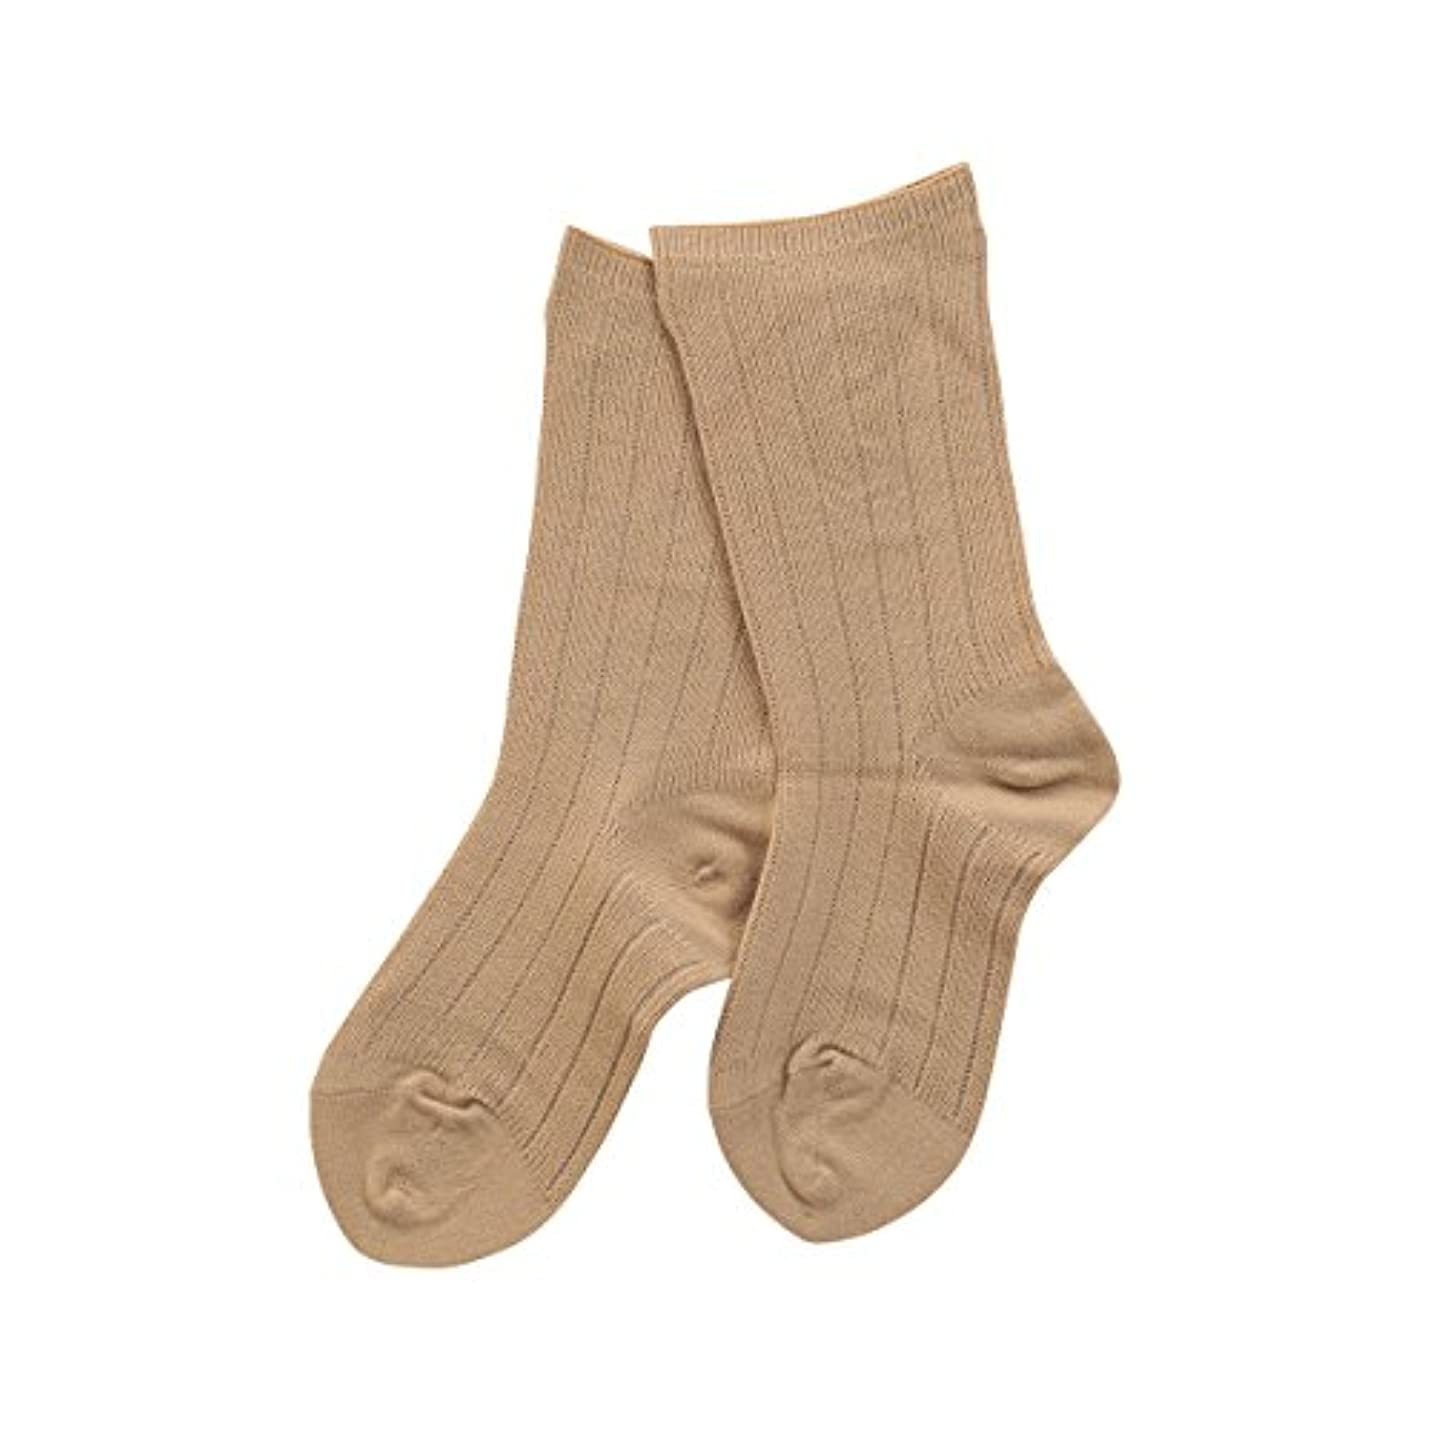 建物出撃者影響を受けやすいです(コベス) KOBES ゴムなし 毛混 超ゆったり靴下 日本製 婦人靴下